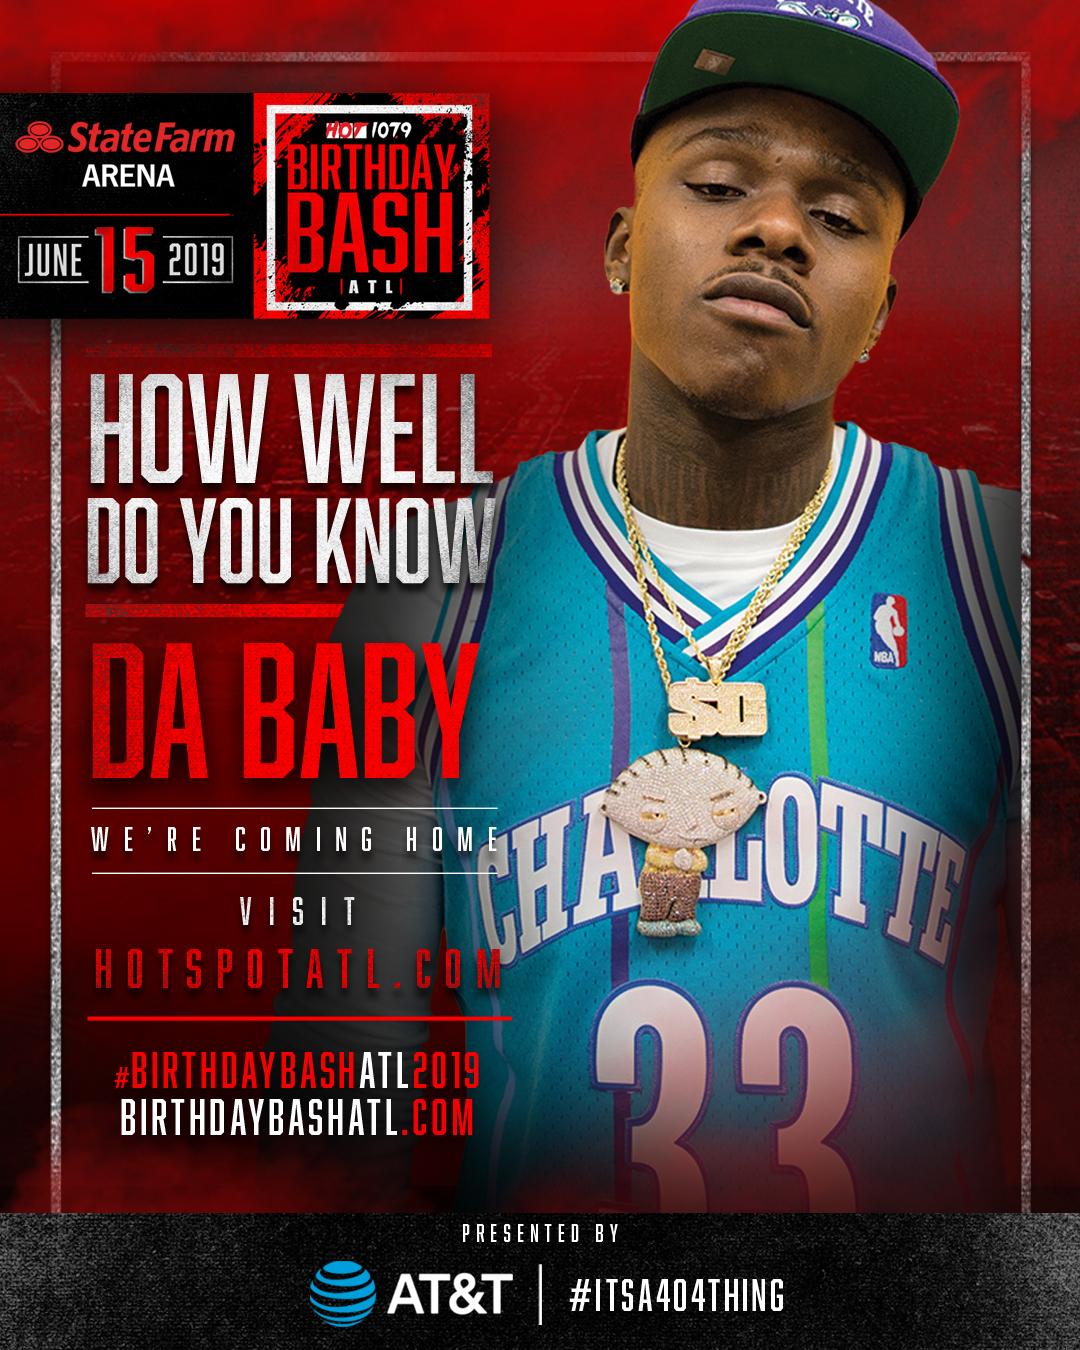 Birthday Bash Trivia: Da Baby